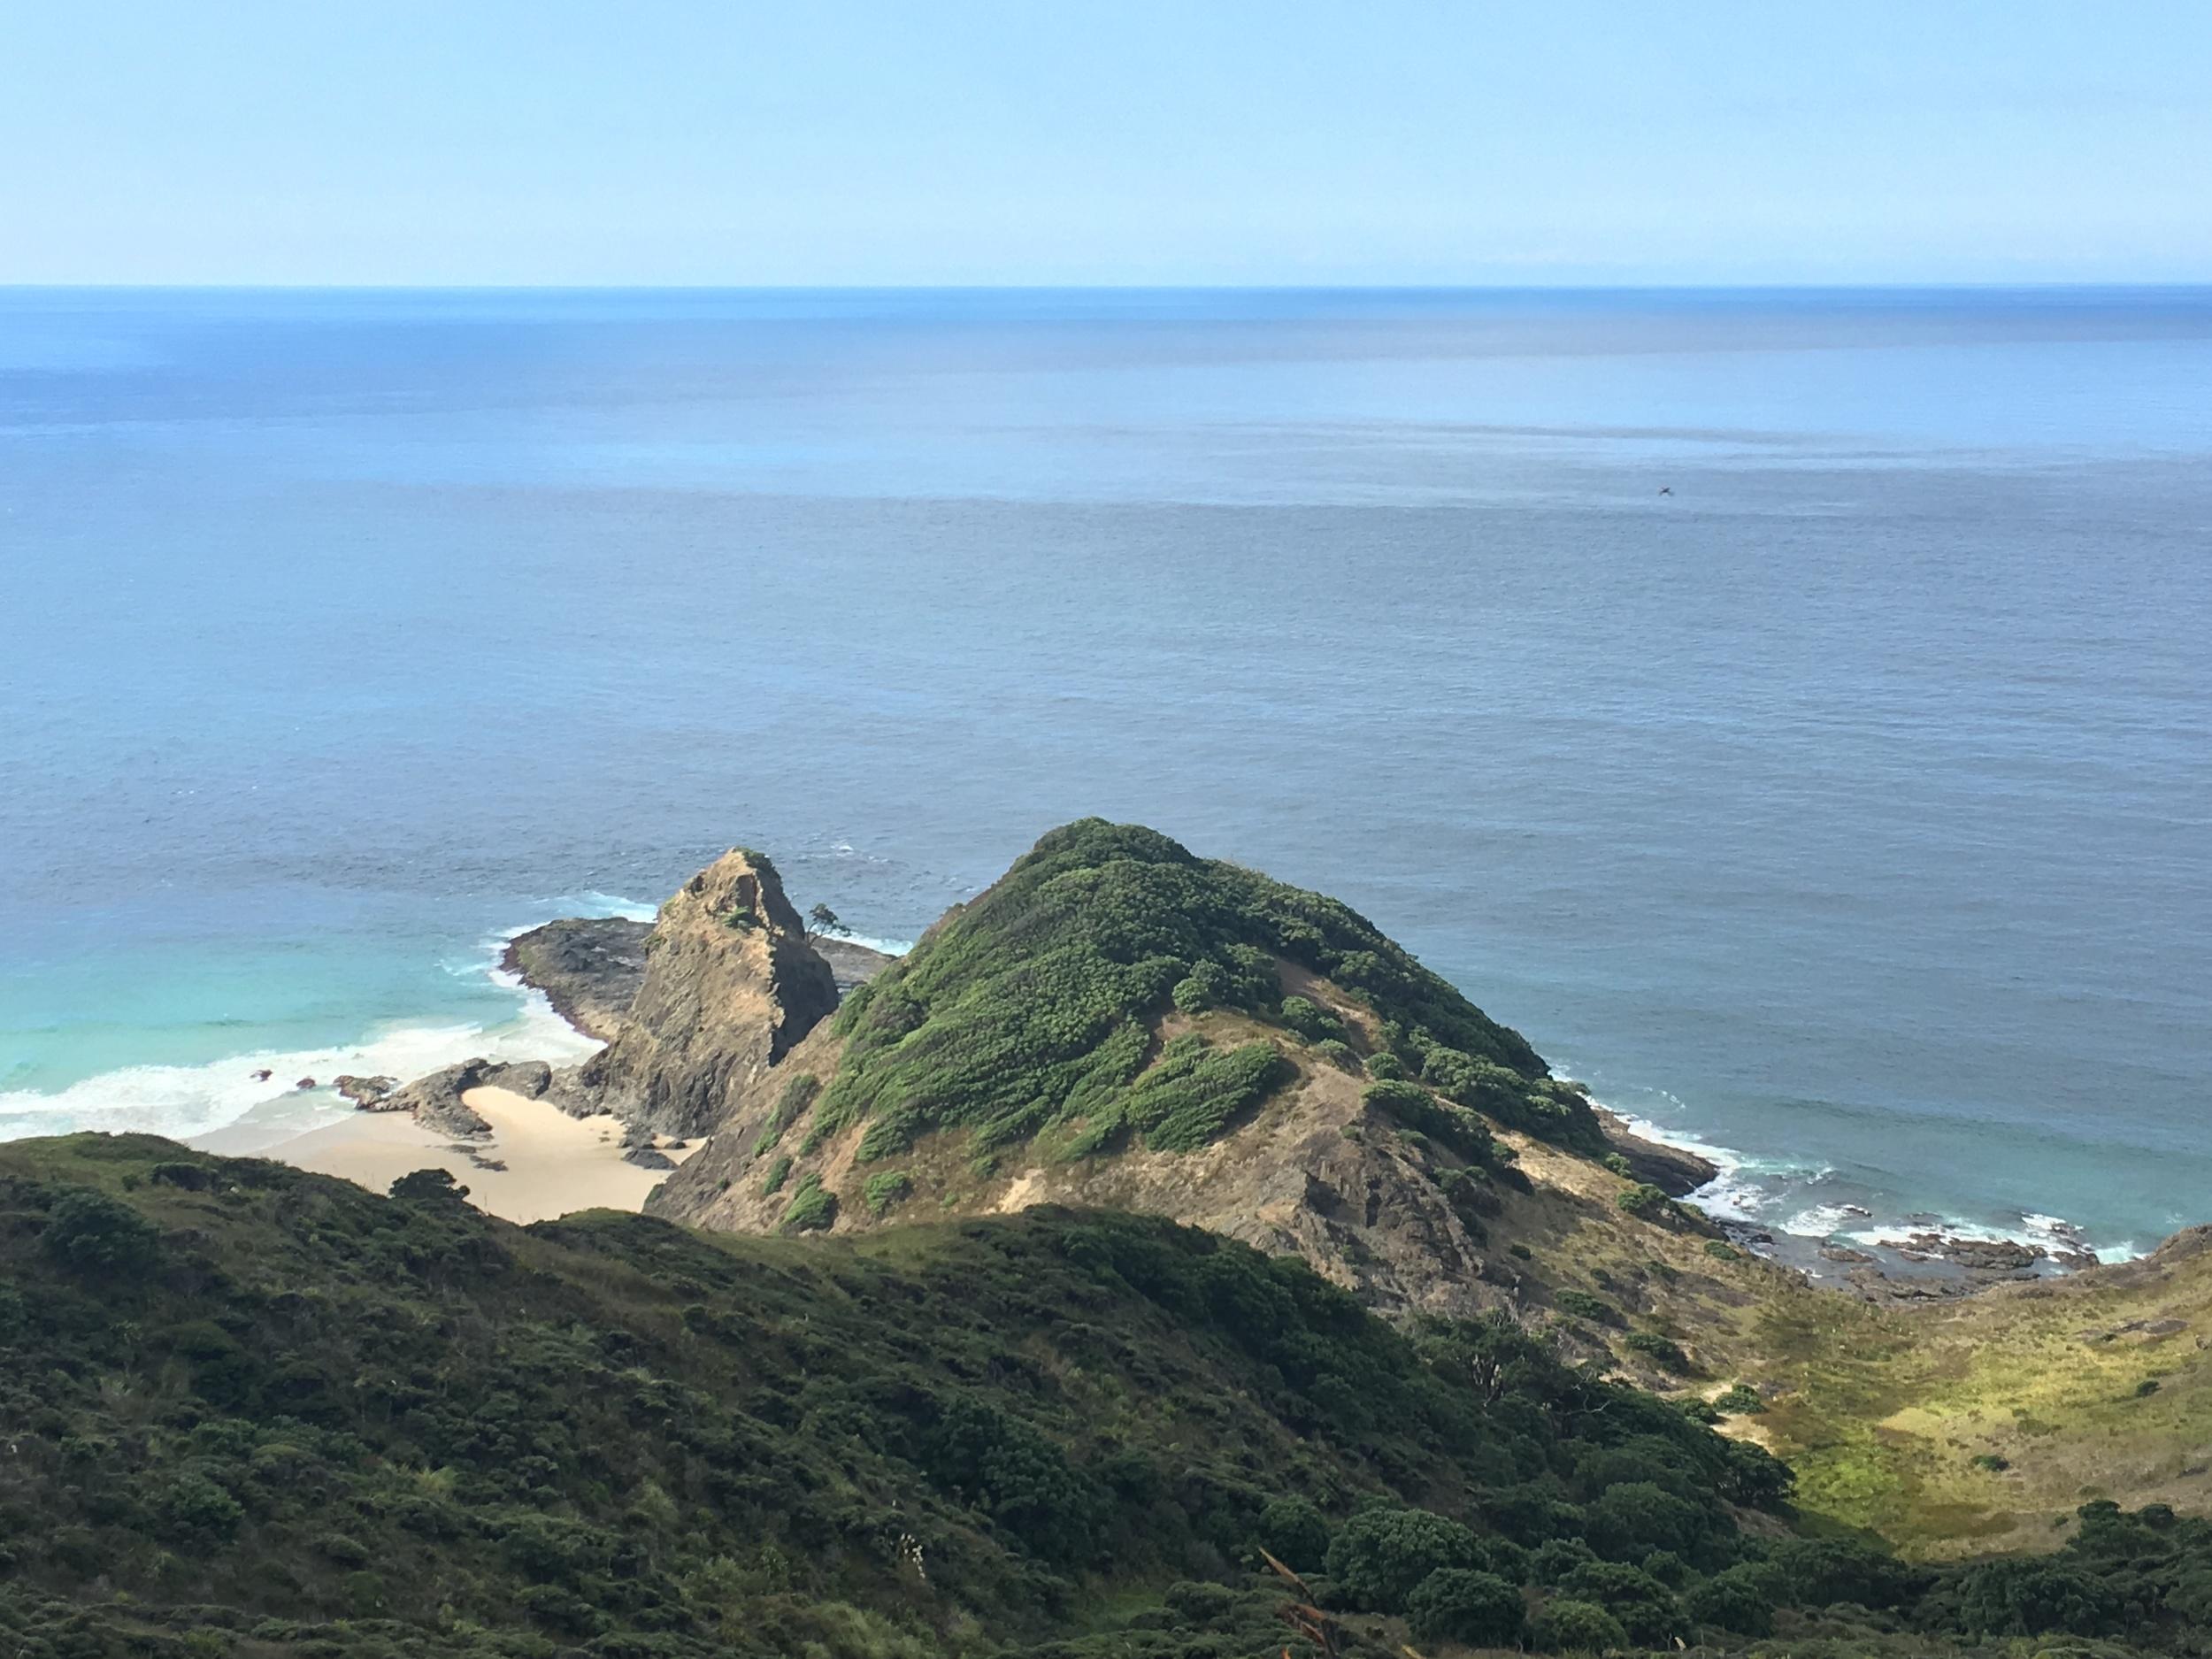 Te Rerenga Wairua, a sacred place for the Maori